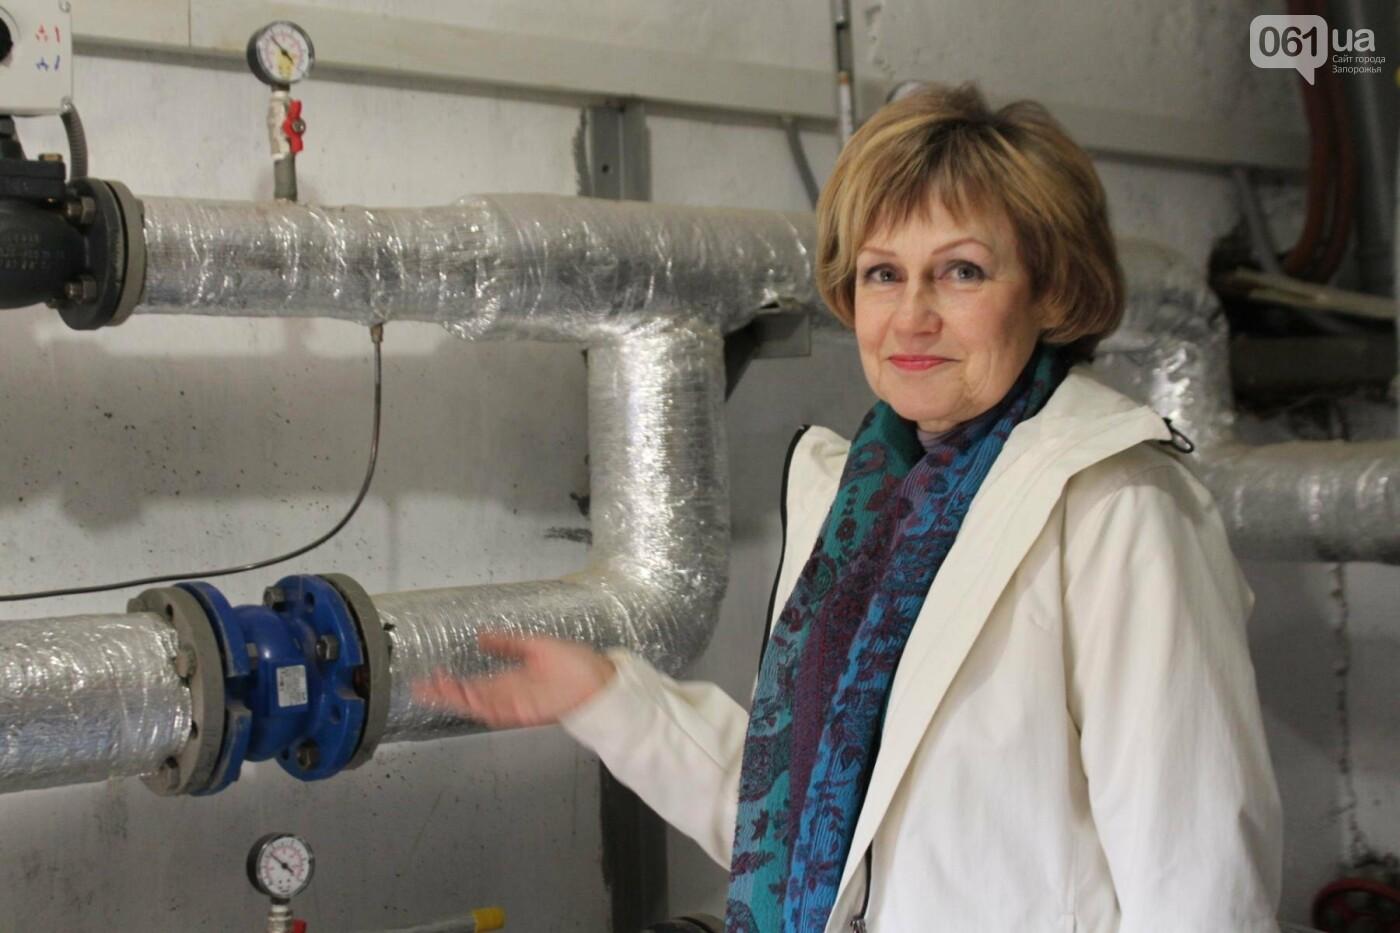 Сам себе хозяин: как запорожские ОСМД занимаются энергосбережением и значительно экономят на тарифах, — ФОТО, фото-3